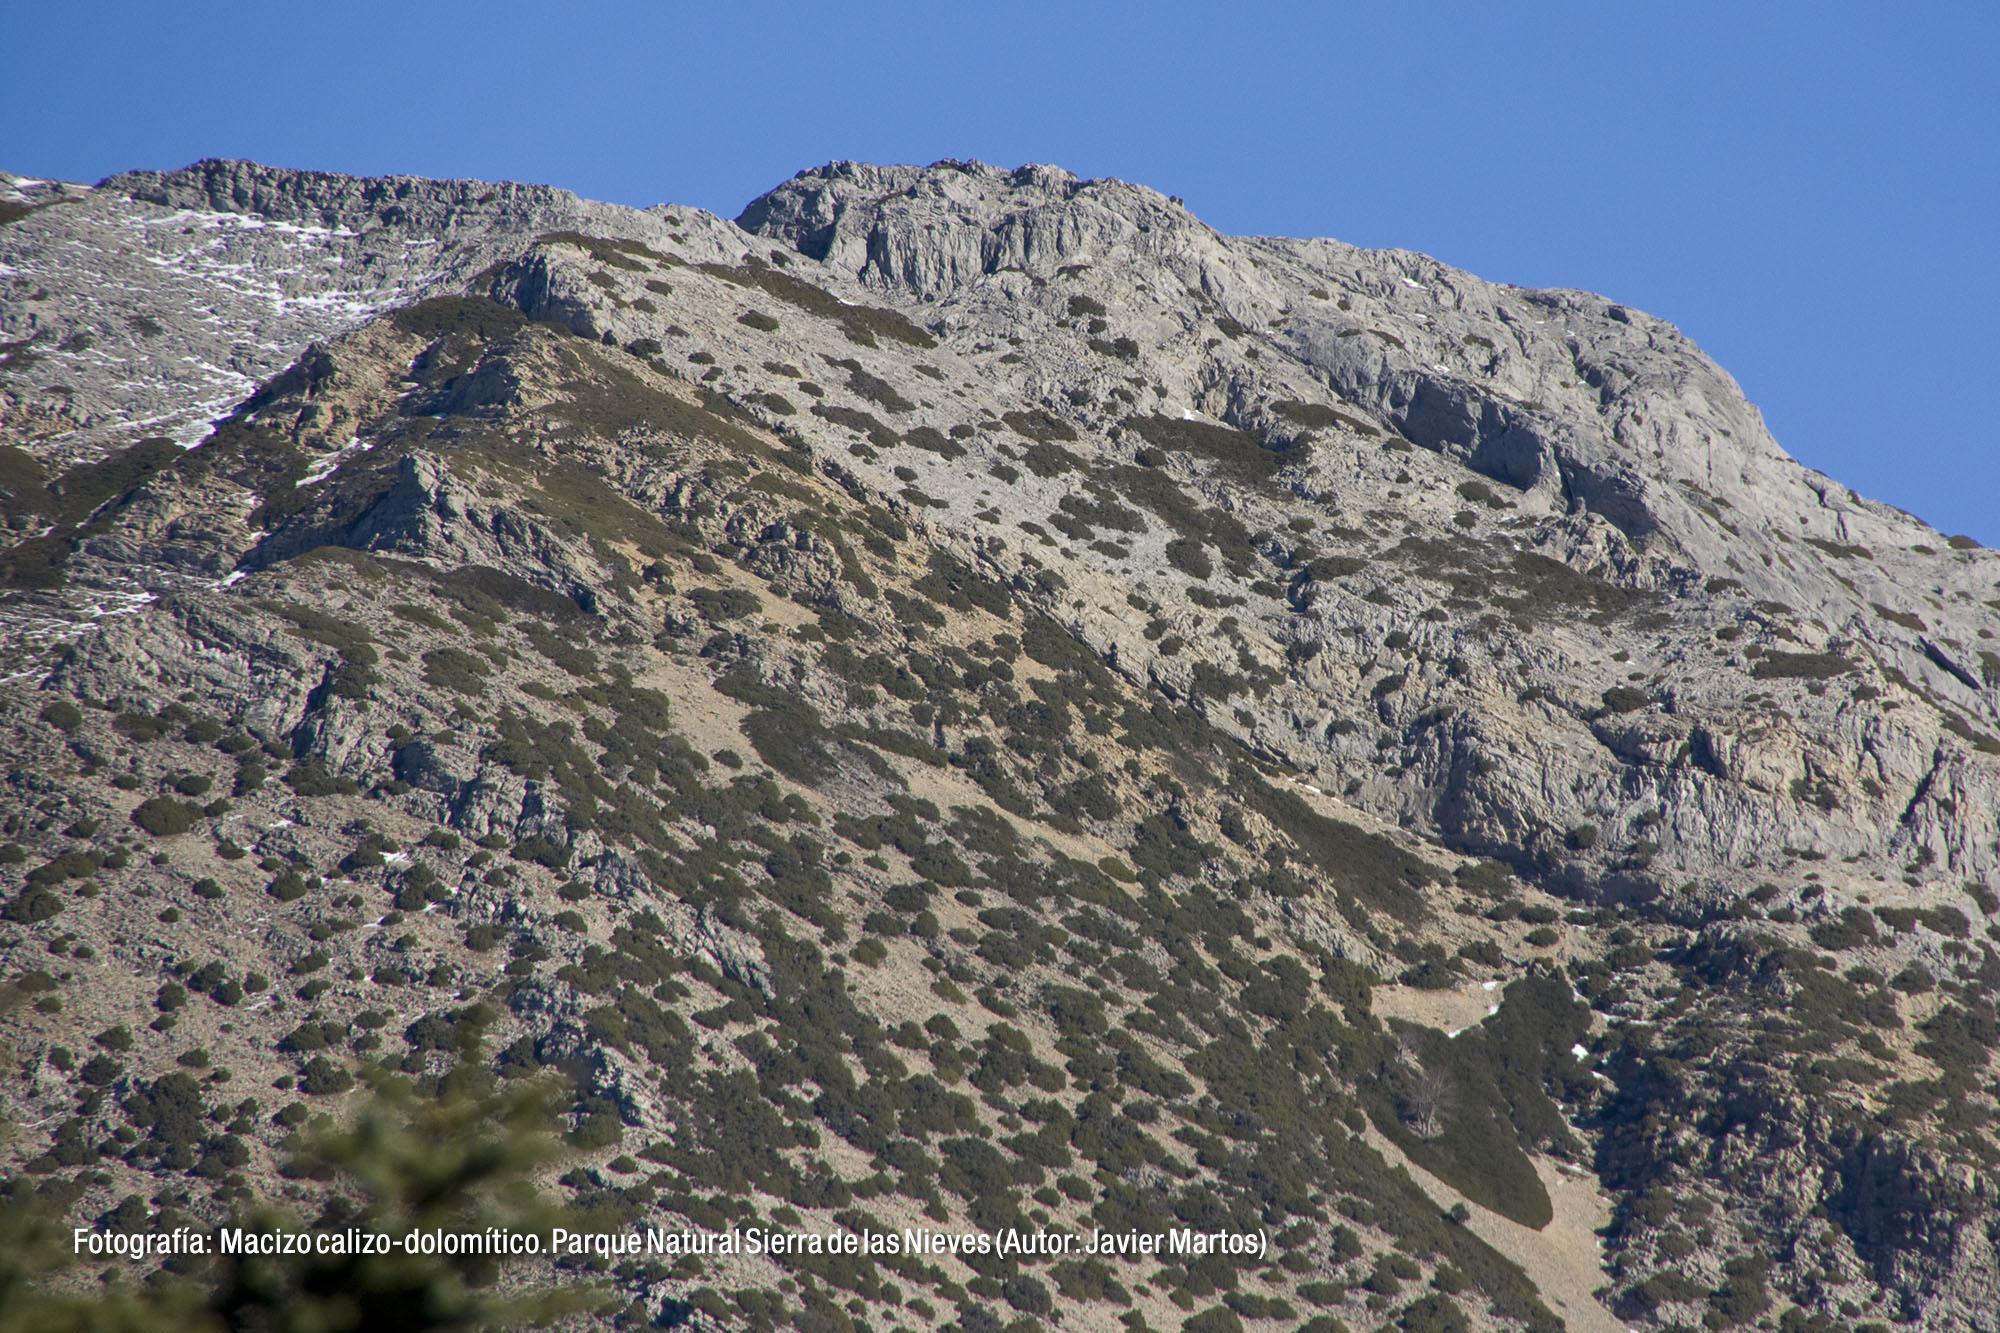 Macizo calizo-dolomítico. Parque Natural Sierra de las Nieves